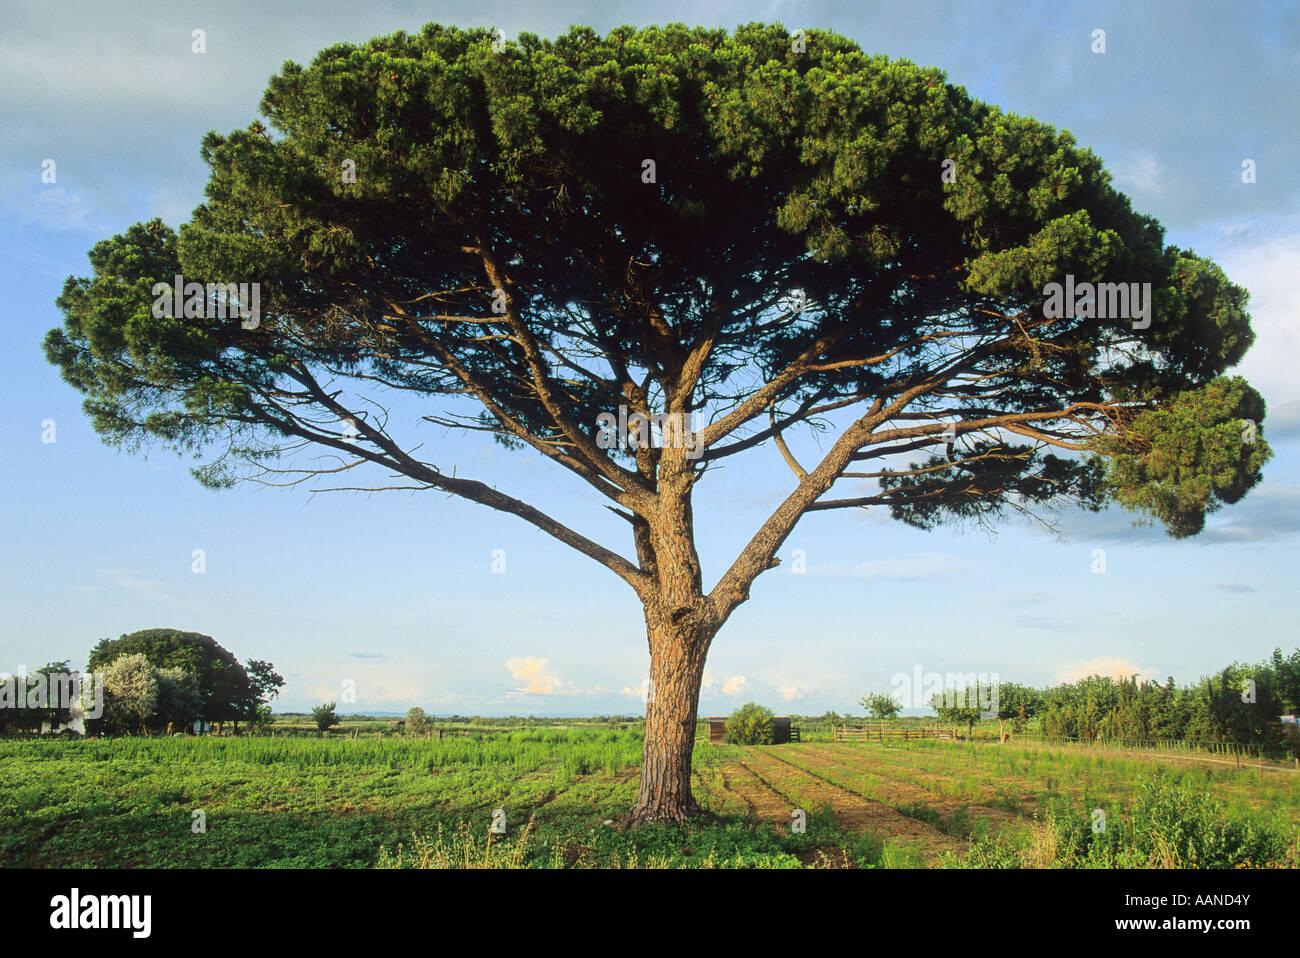 Stone pine tree or Italian Pine or Parasol Pine ( Pinus pinea) tree - Stock Image